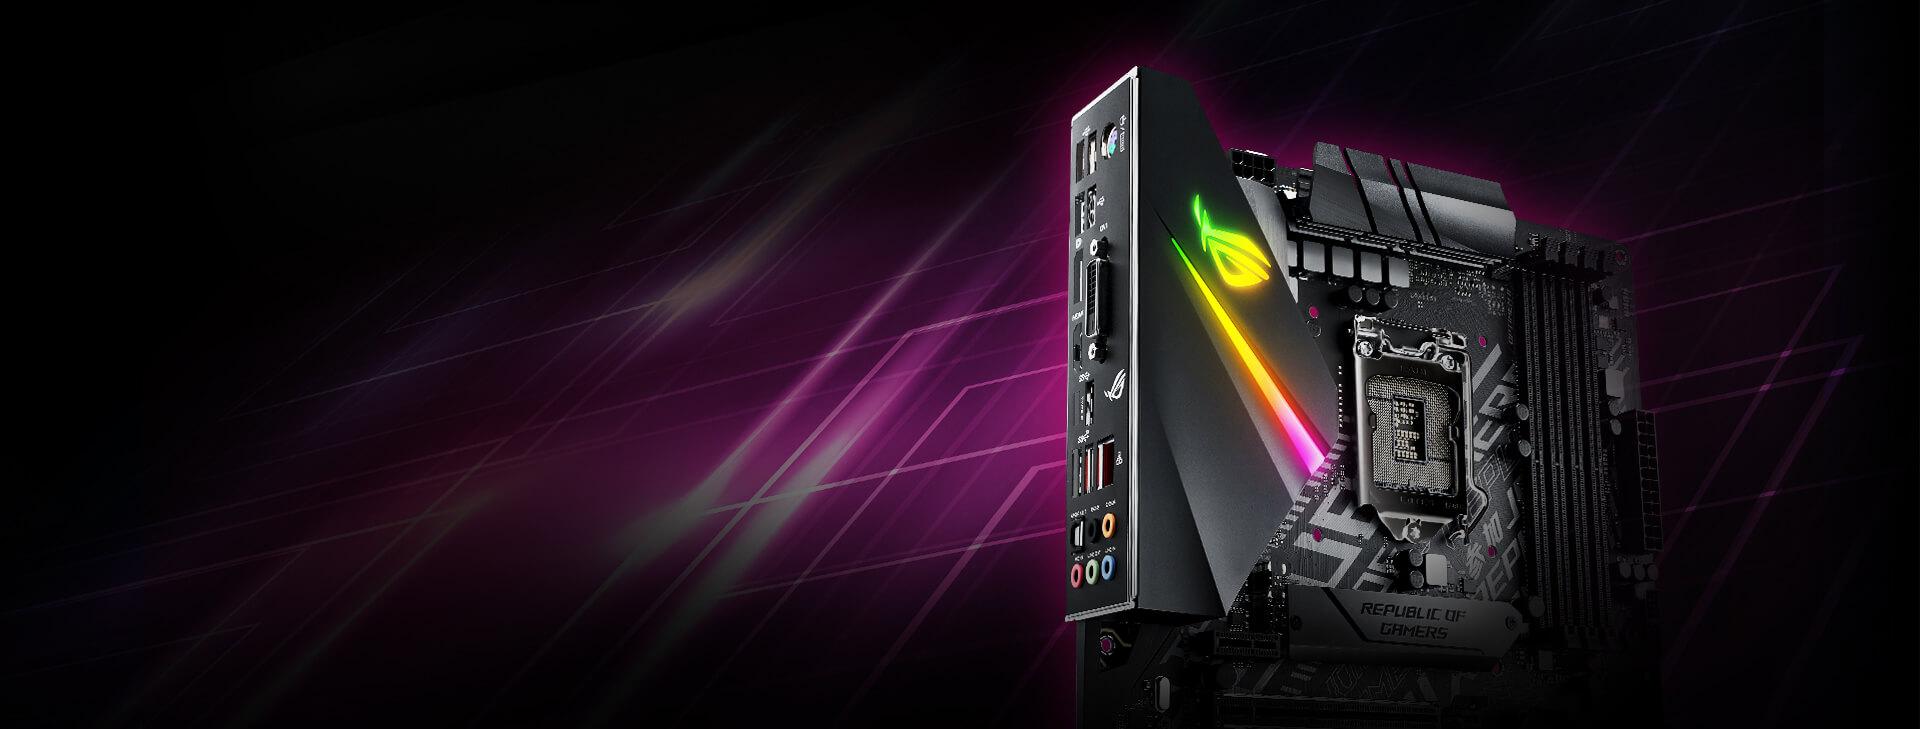 992062694d DIYフレンドリーデザインにより、PCビルドを気軽に経験することができます。インストールは簡単で、互換性が保証され、あなた自身とマシンを安全に保つための万全の  ...